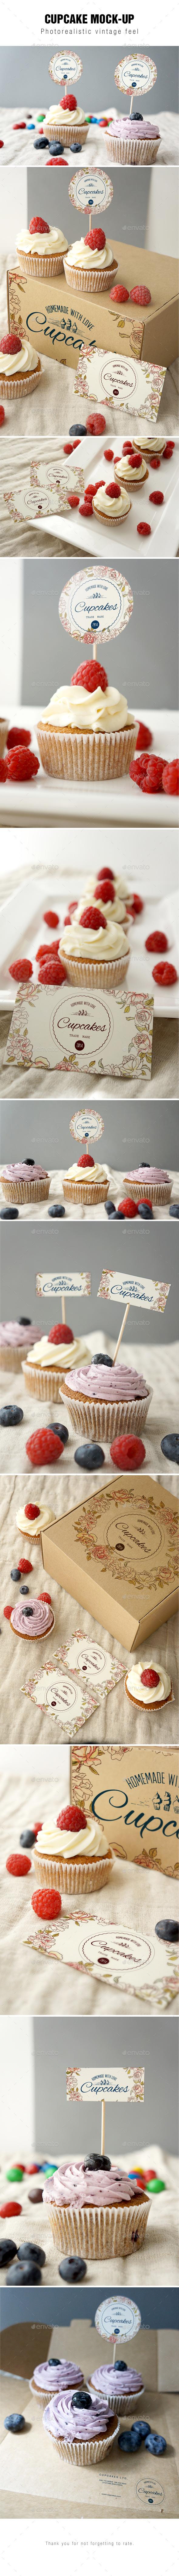 GraphicRiver Cupcake Mockup 9206104